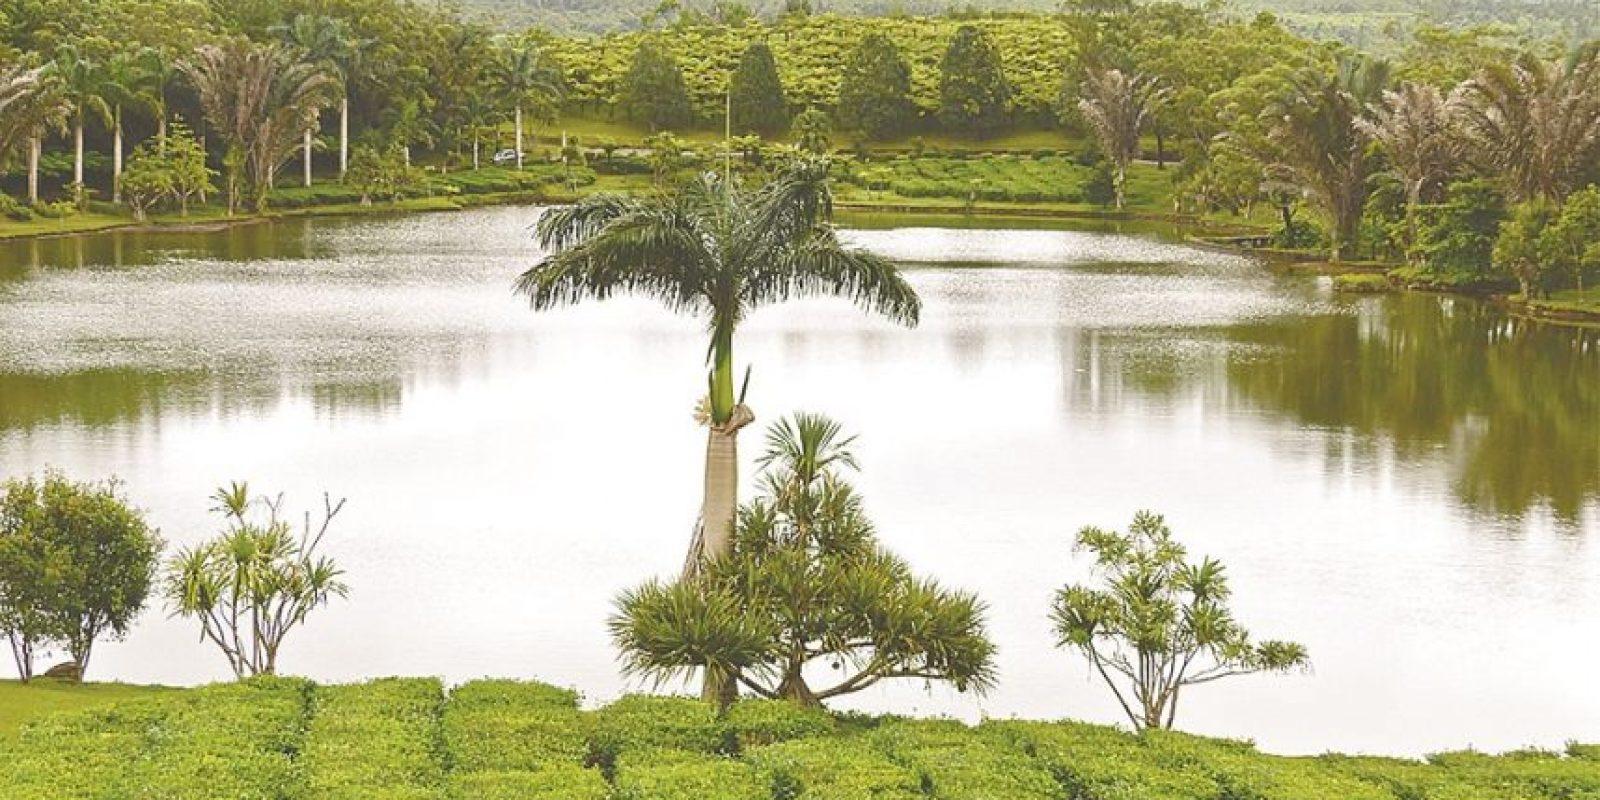 """7- En Isla Mauricio mitigan los daños. Tras la independencia de esta isla en 1968, el rápido desarrollo industrial provocó graves daños al medioambiente. Sin embargo, para recuperar la fama de paraíso terrenal que habían perdido, el Gobierno ideó el proyecto Mauricio Isla Sostenible, iniciativa introducida para construir un """"país verde"""". El plan busca reinventar un nuevo estilo de vida dirigido al reciclaje y producción de energía renovable. Por eso ocupa el primer lugar en la región de África subsahariana."""